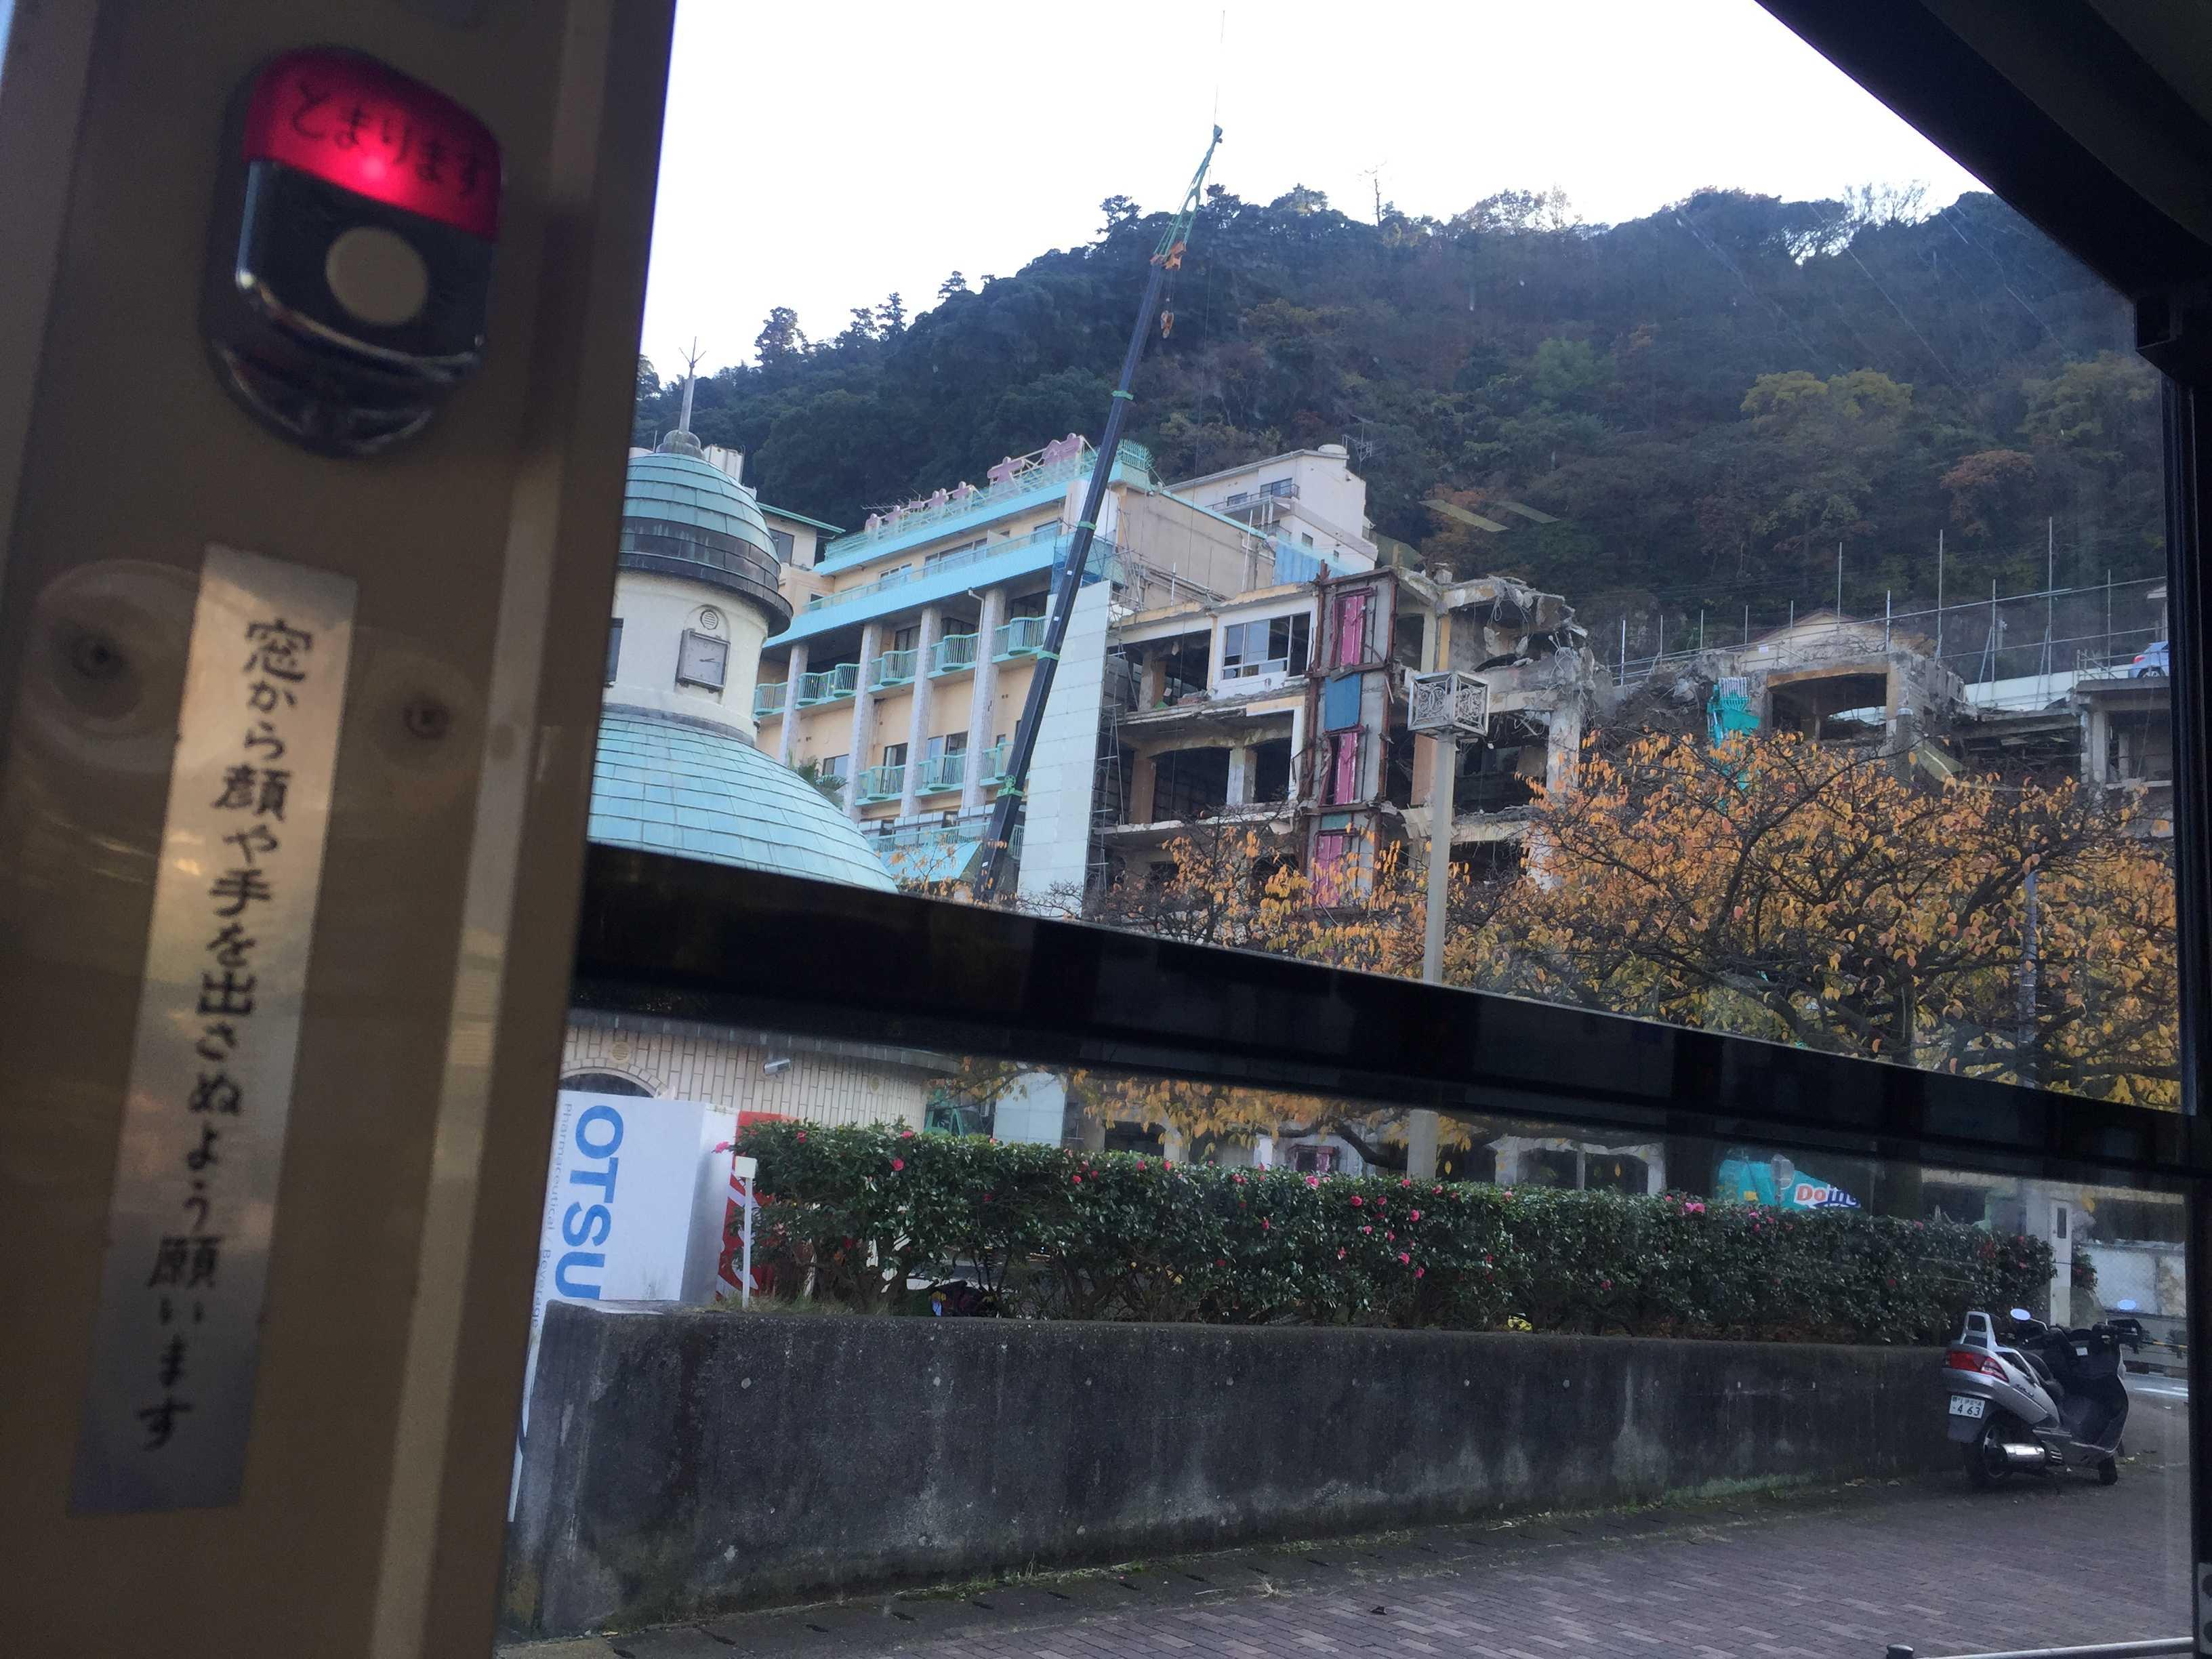 取り壊し中の旅館